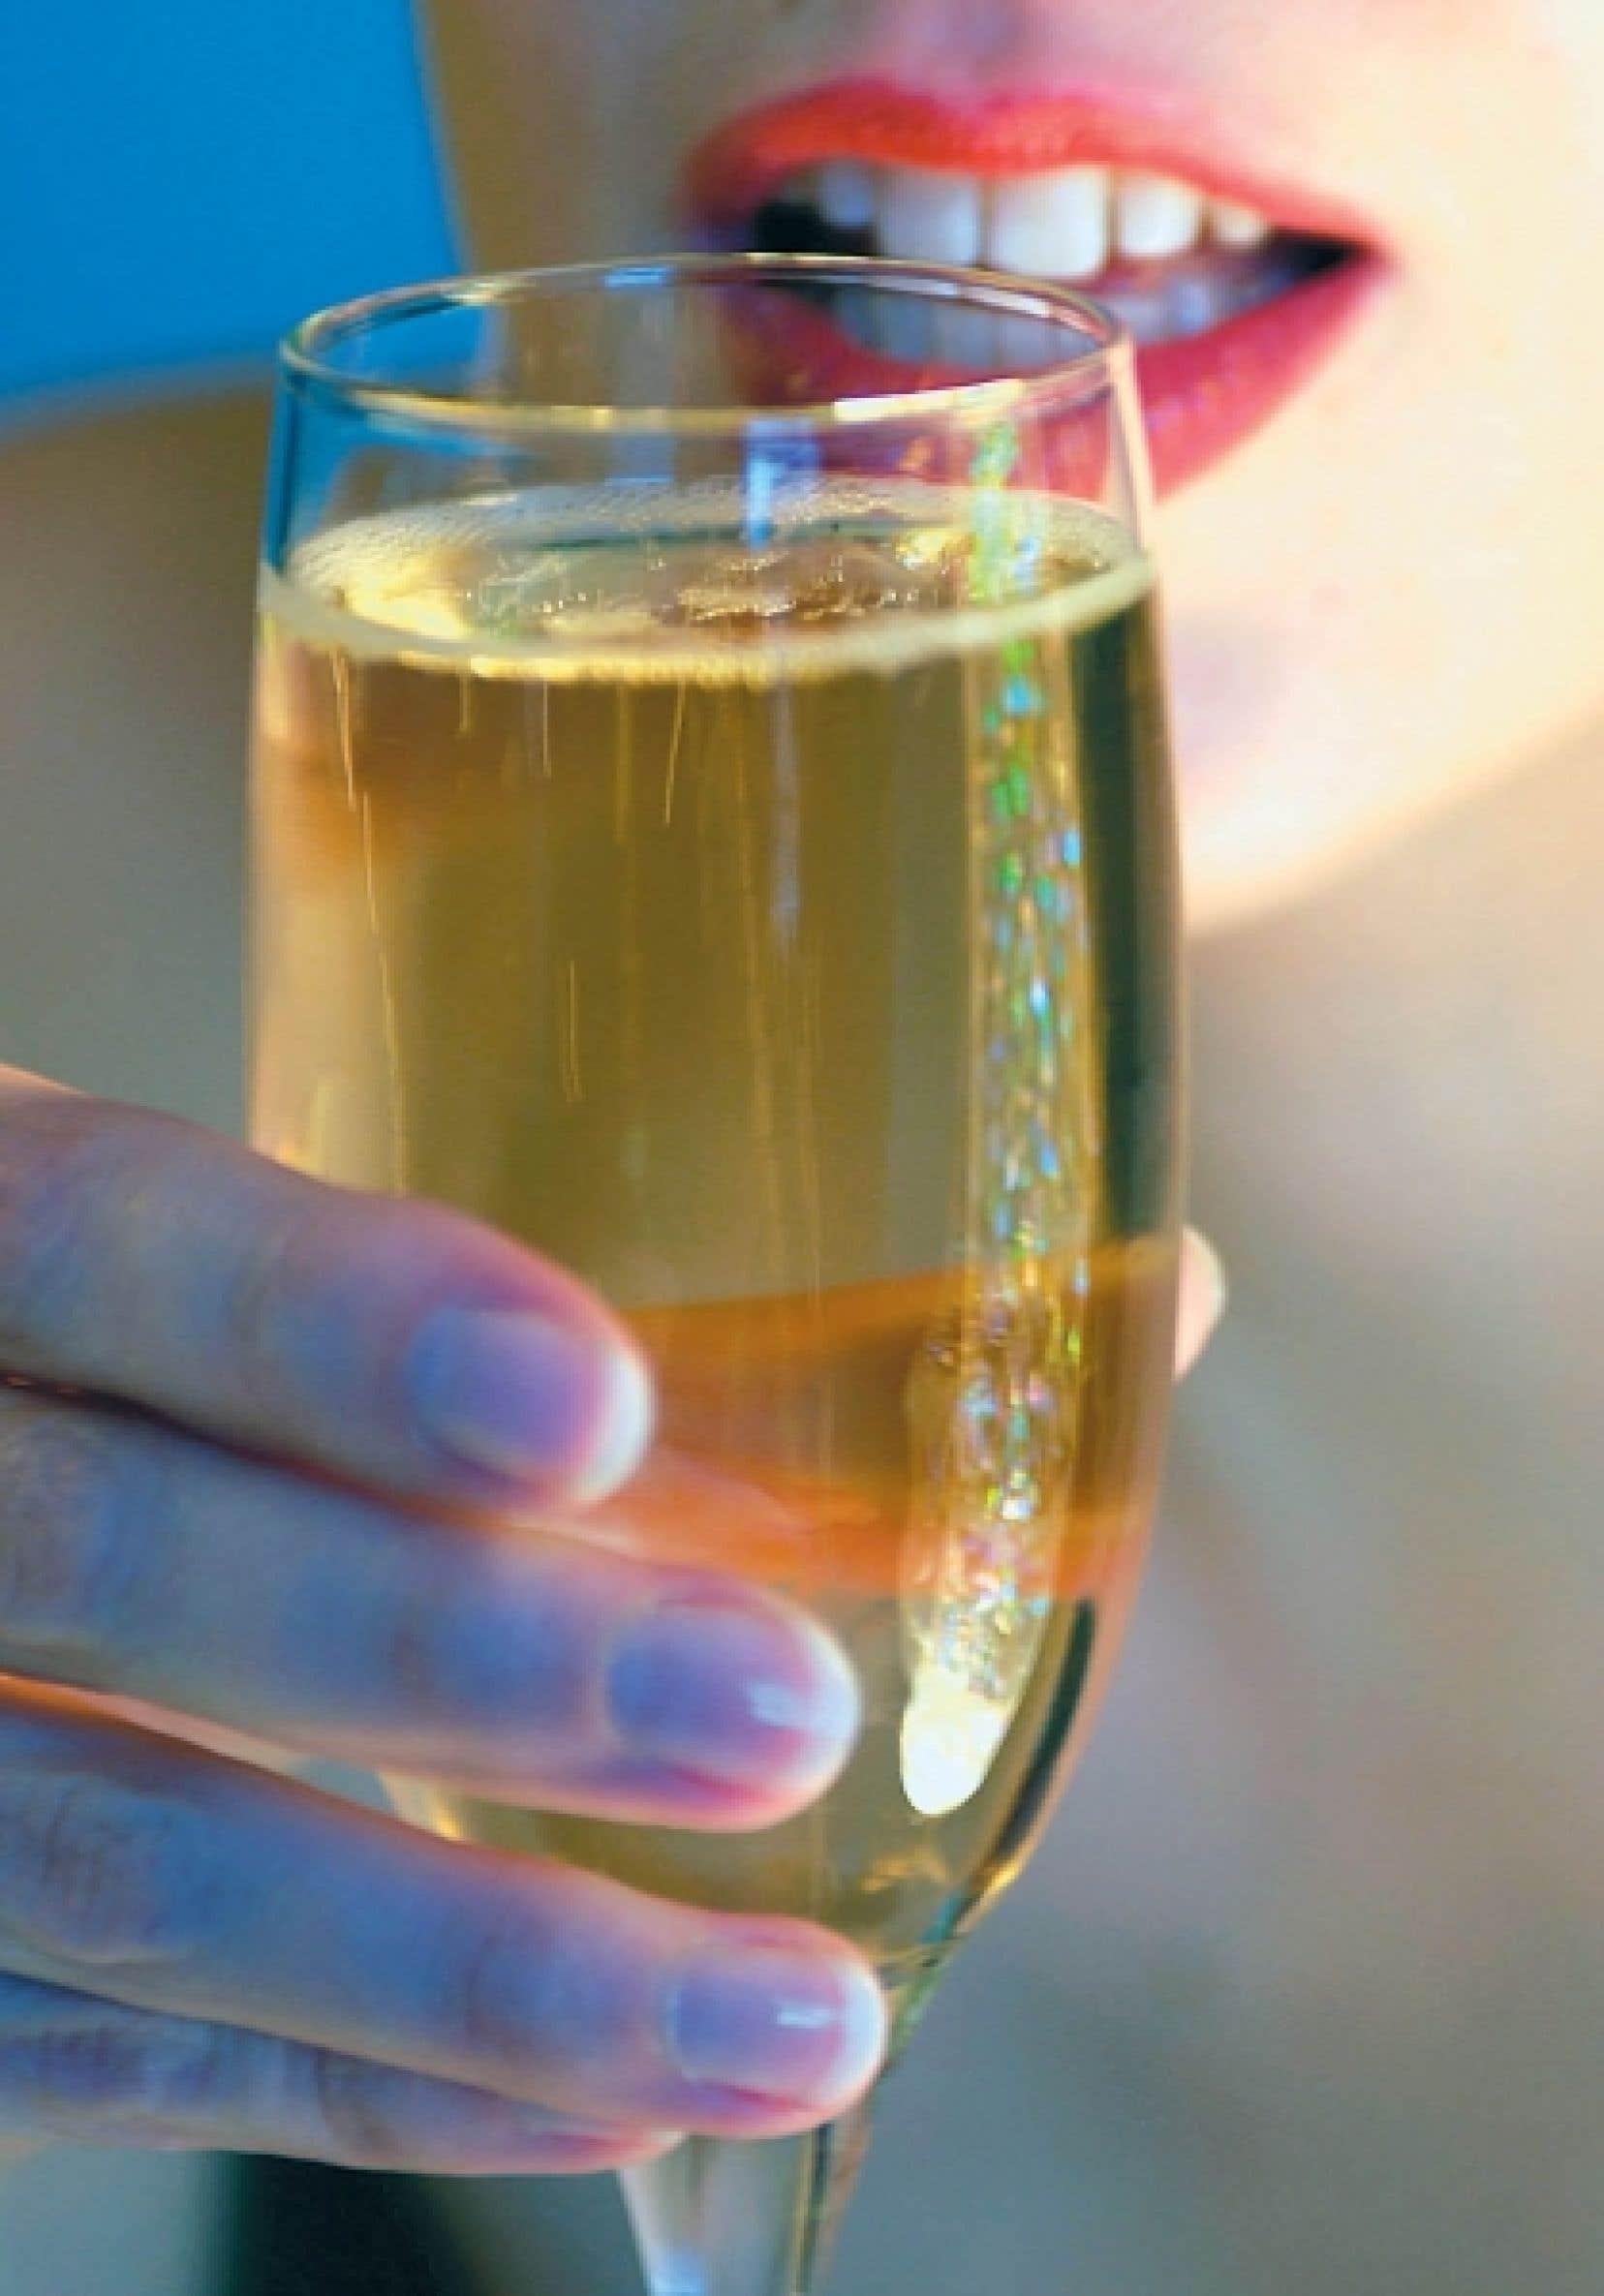 Les critères de ce qui constitue une consommation acceptable d'alcool font l'objet d'un consensus parmi les experts.